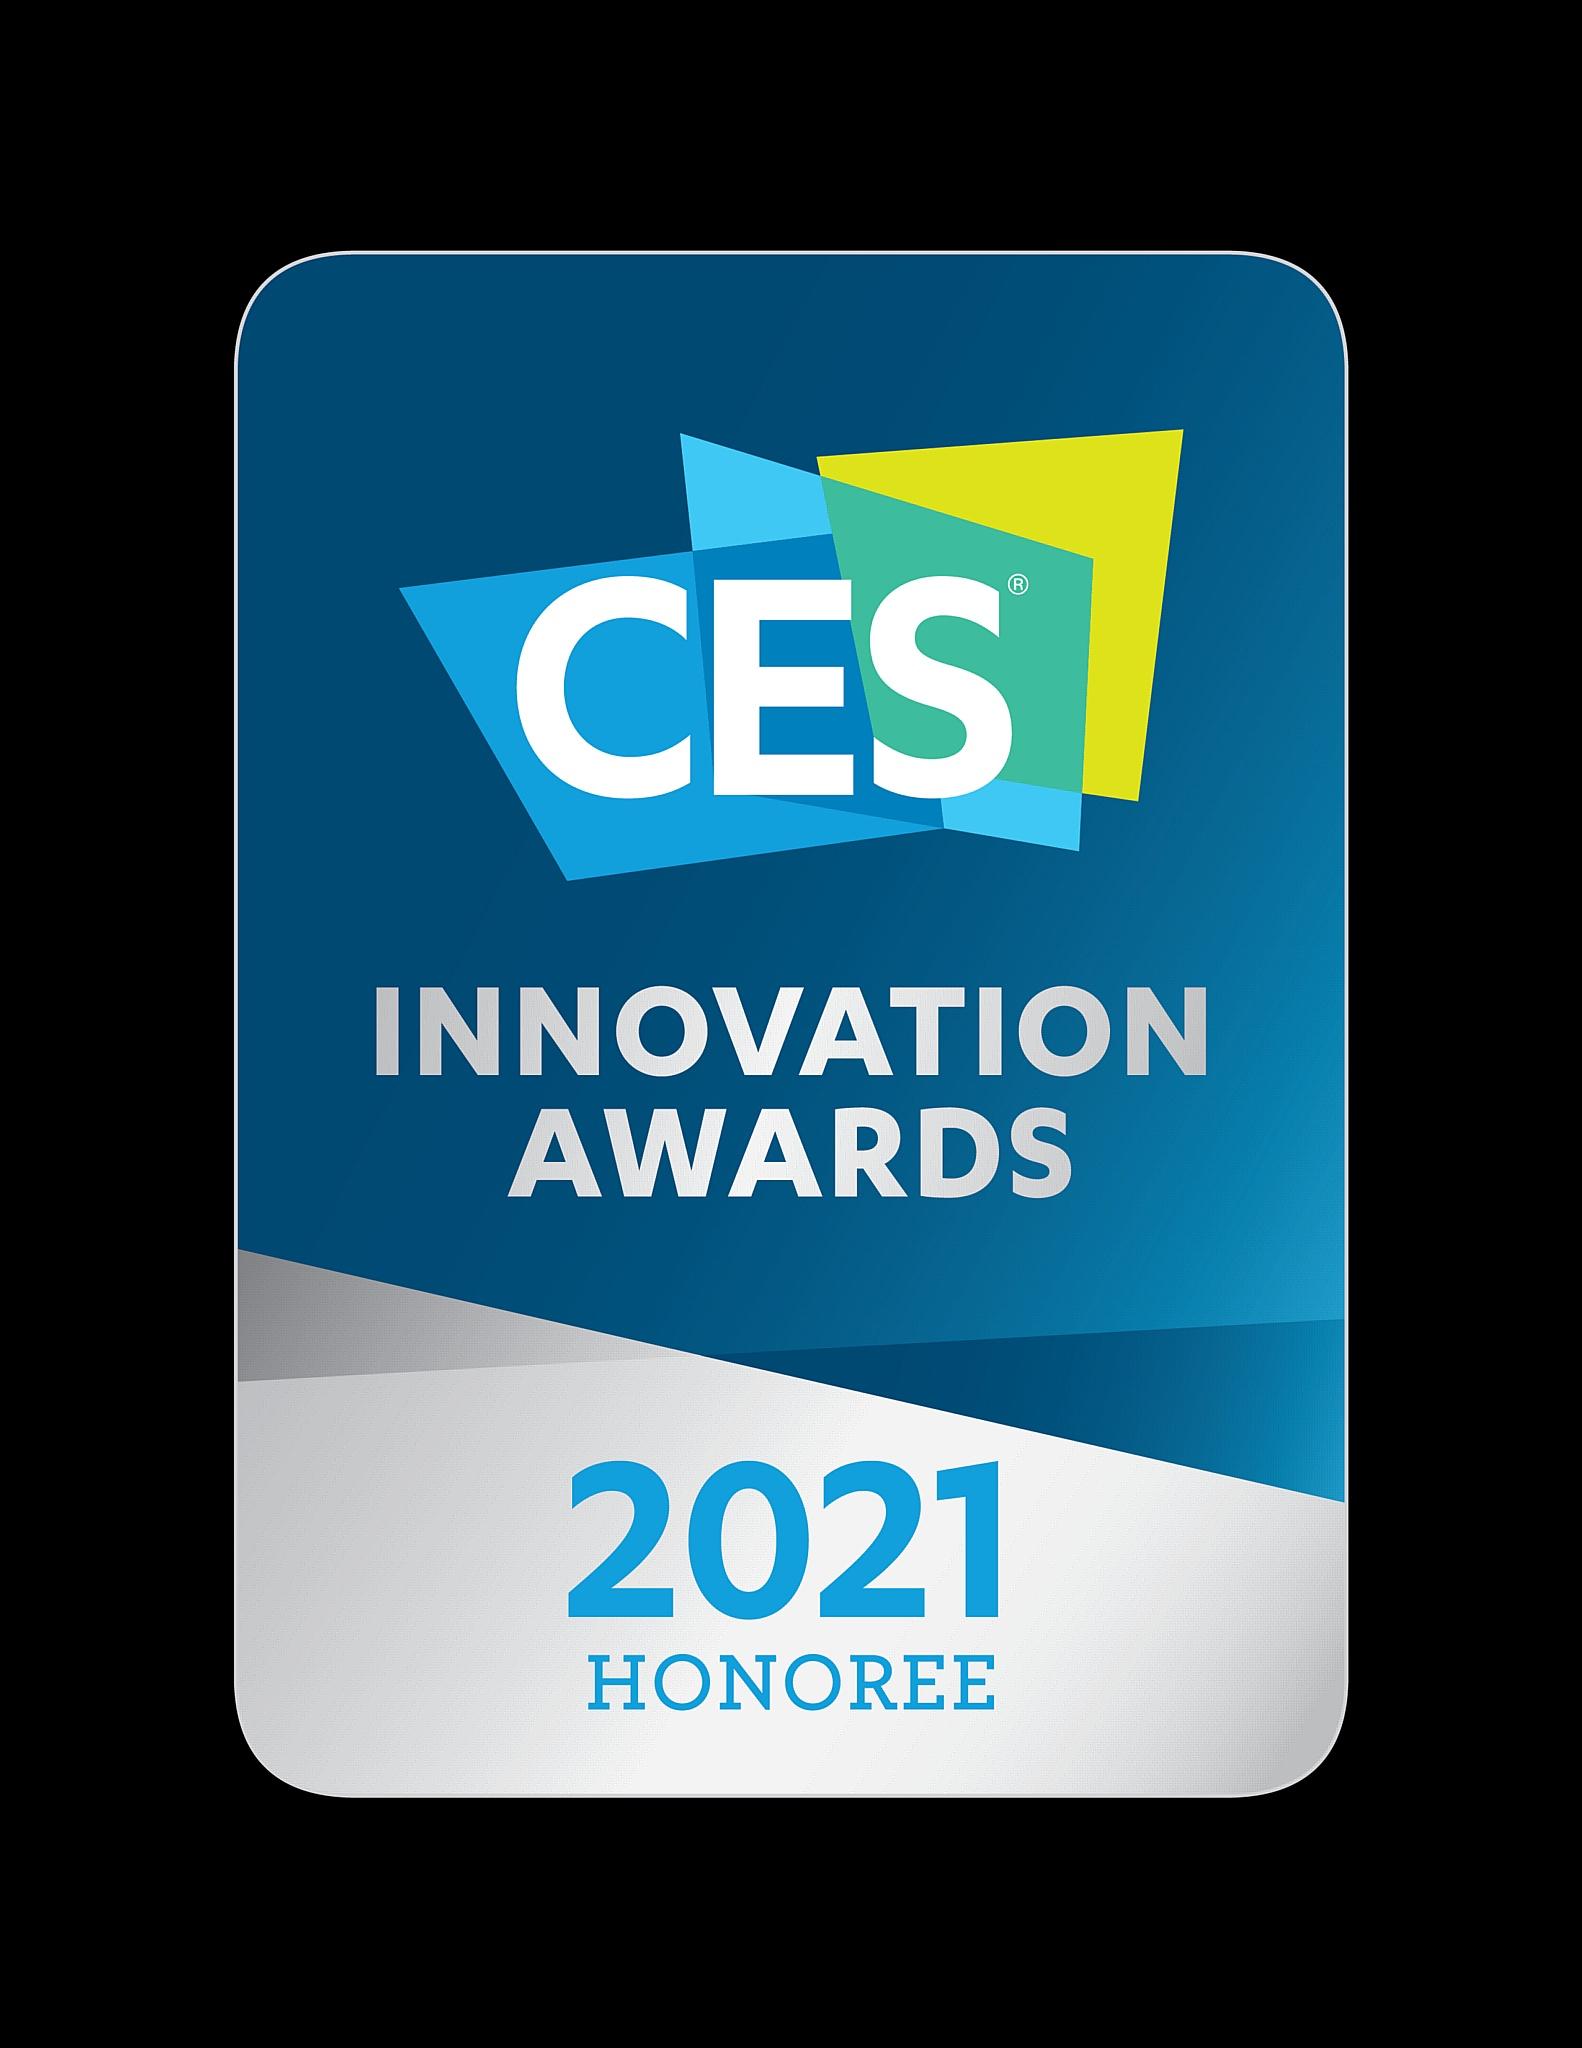 Компания LG Electronics удостоена премии CES Innovation Awards 2021